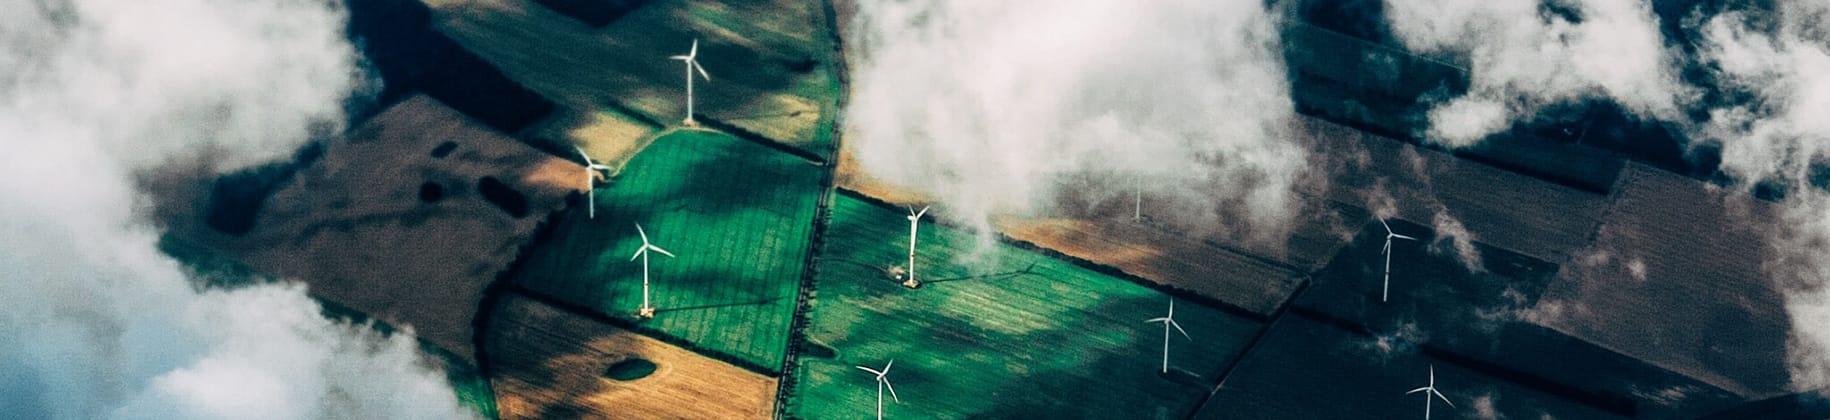 Energias renováveis, ESG e o Brasil no Acordo de Paris - GDSolar